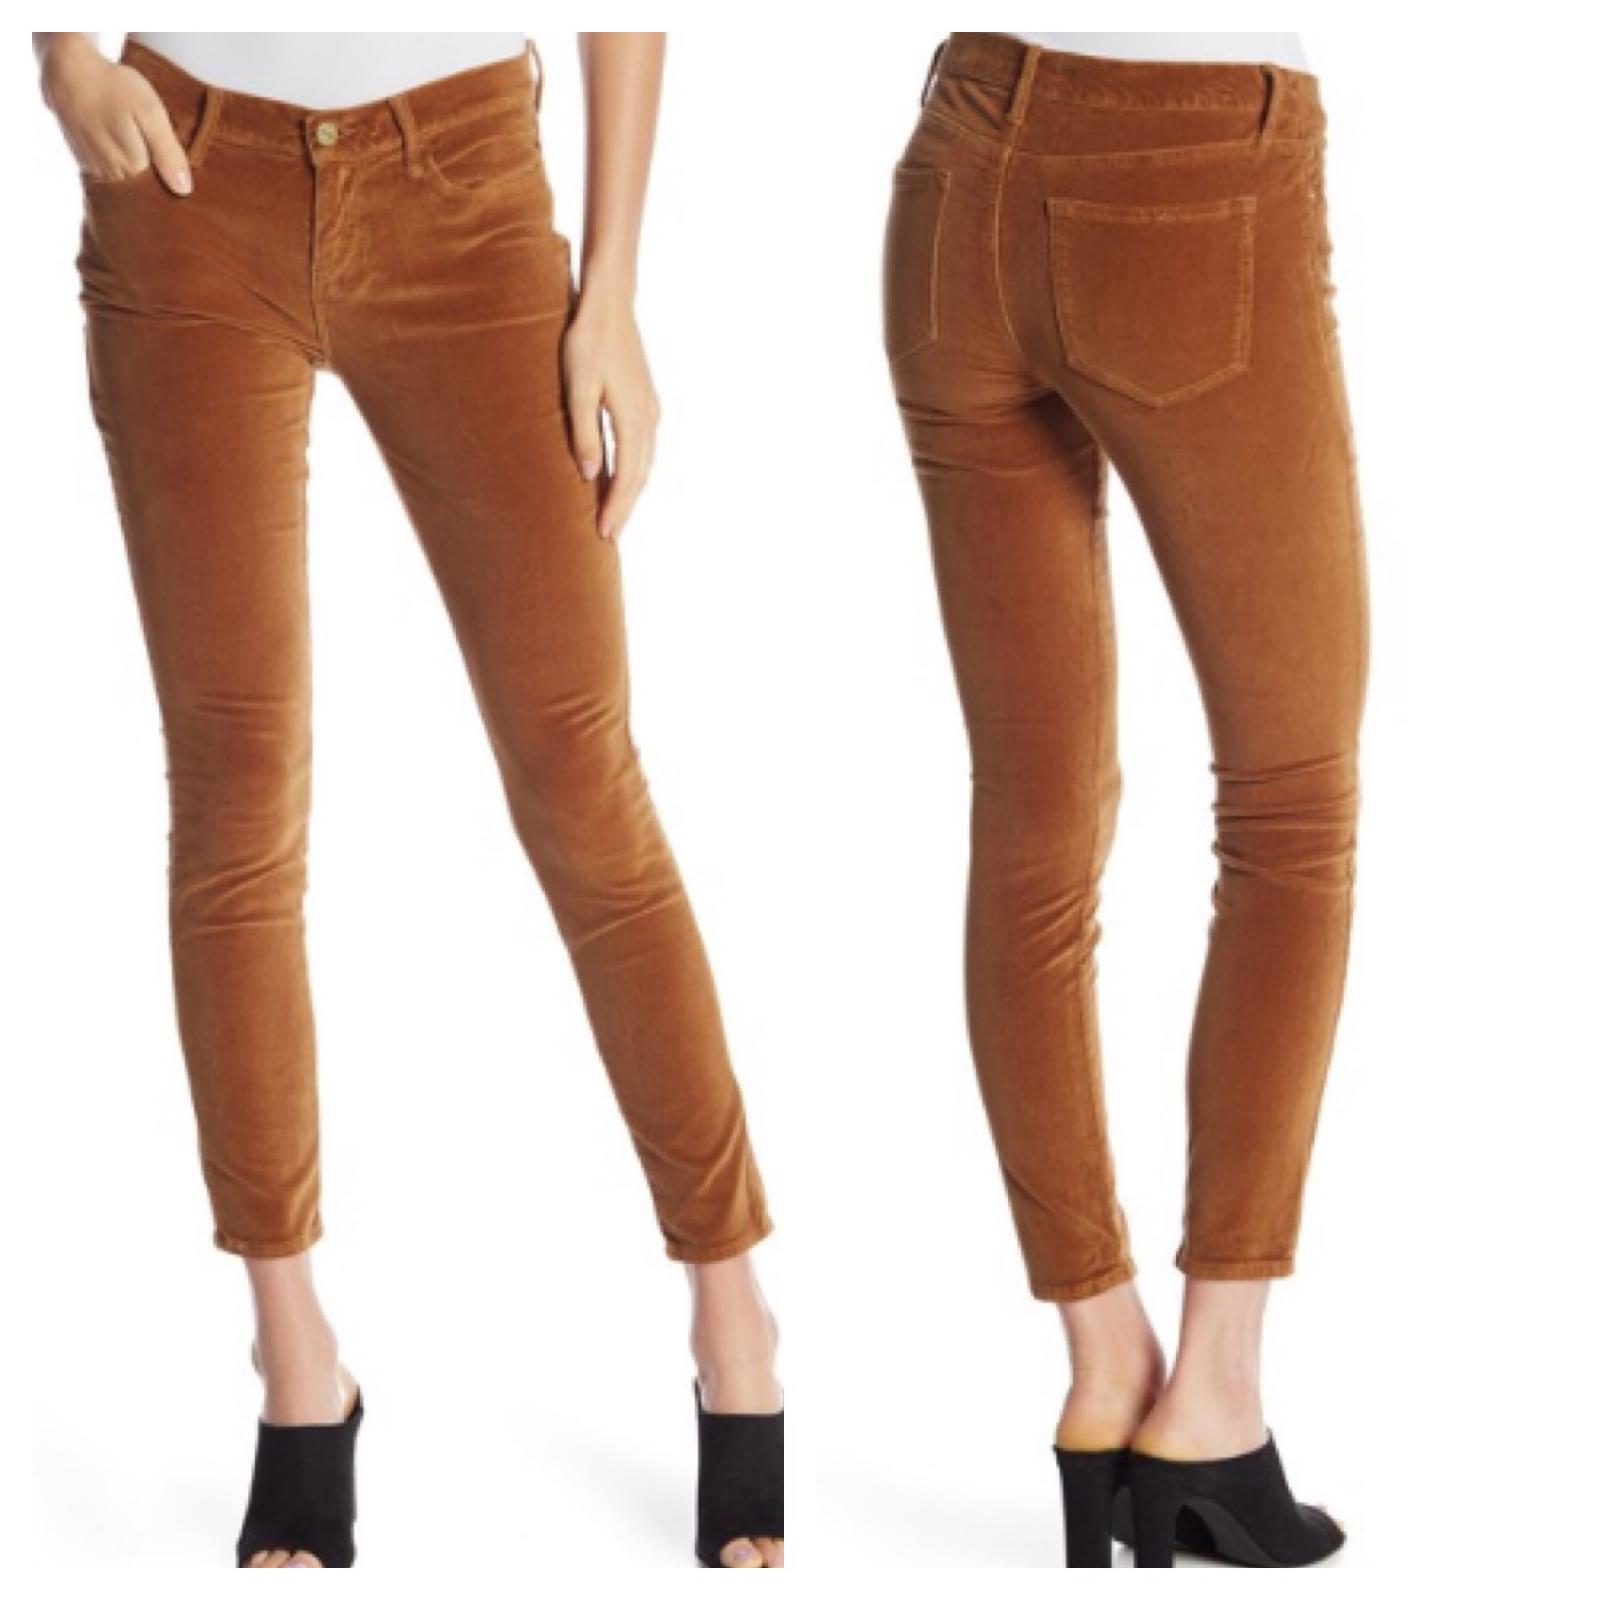 Frame Denim le velours de coton Skinny Pantalon de Jeanne 29 Camel